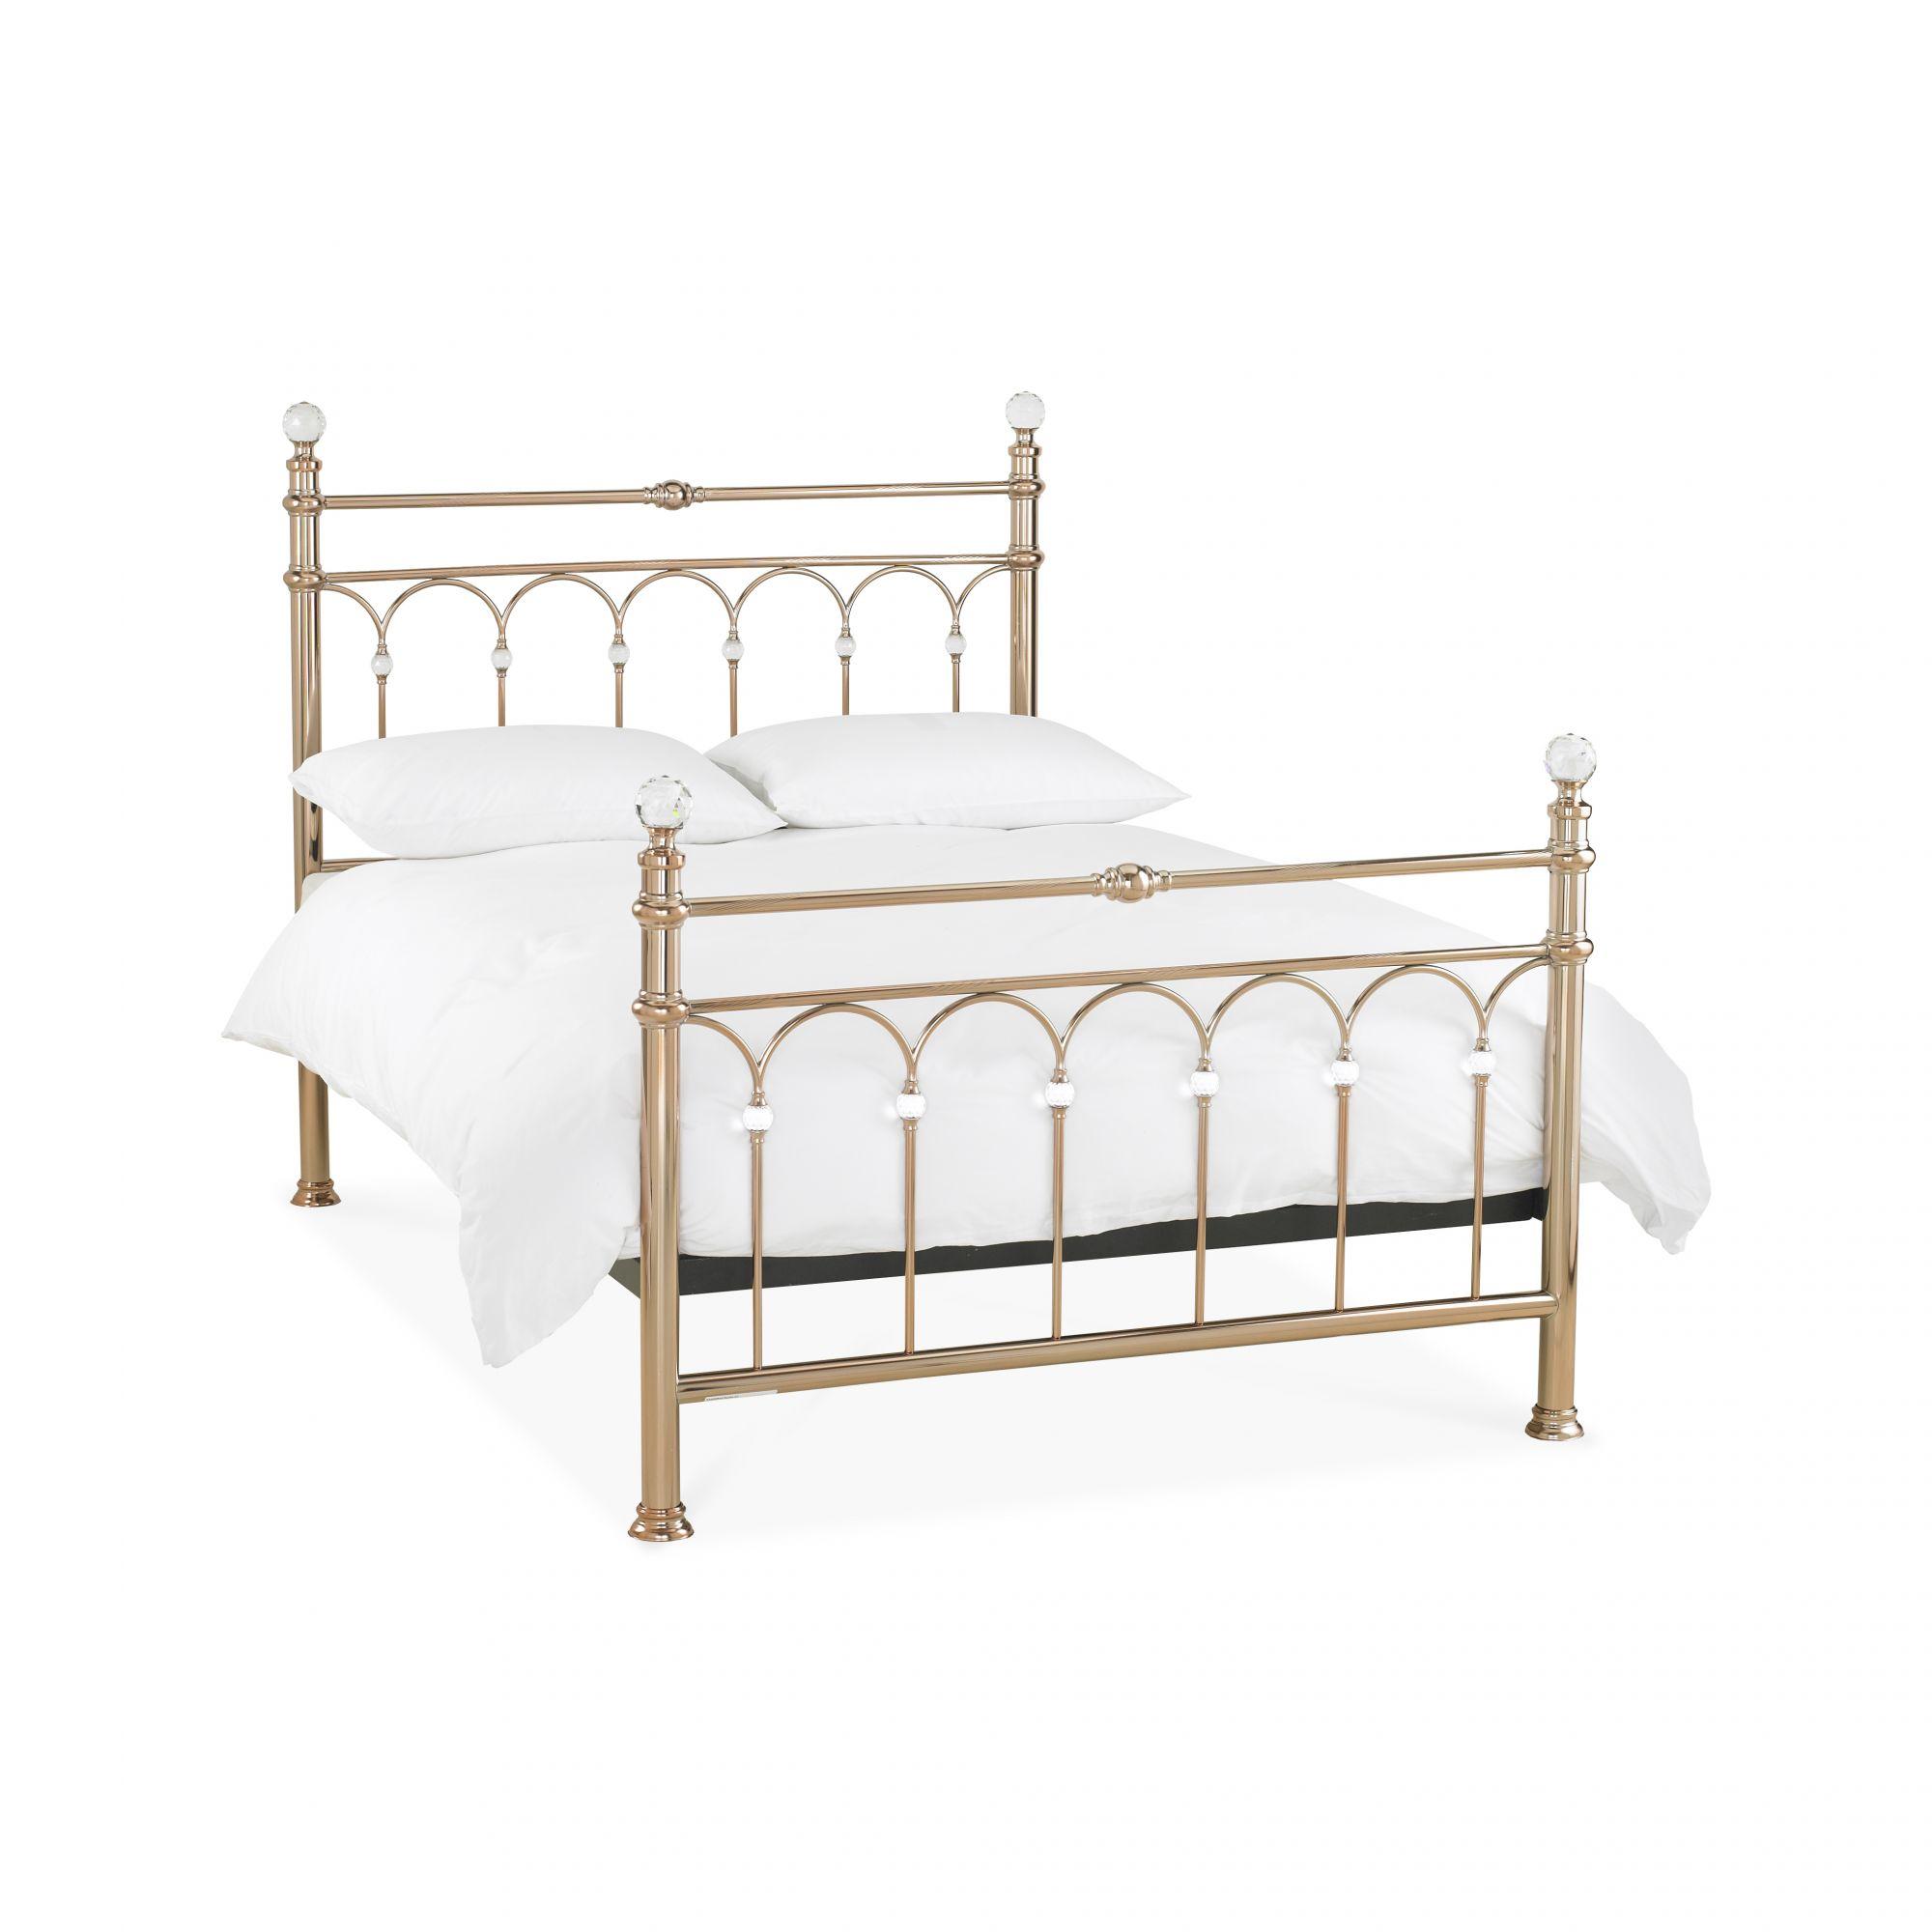 Bentley Designs Krystal Bed Frame